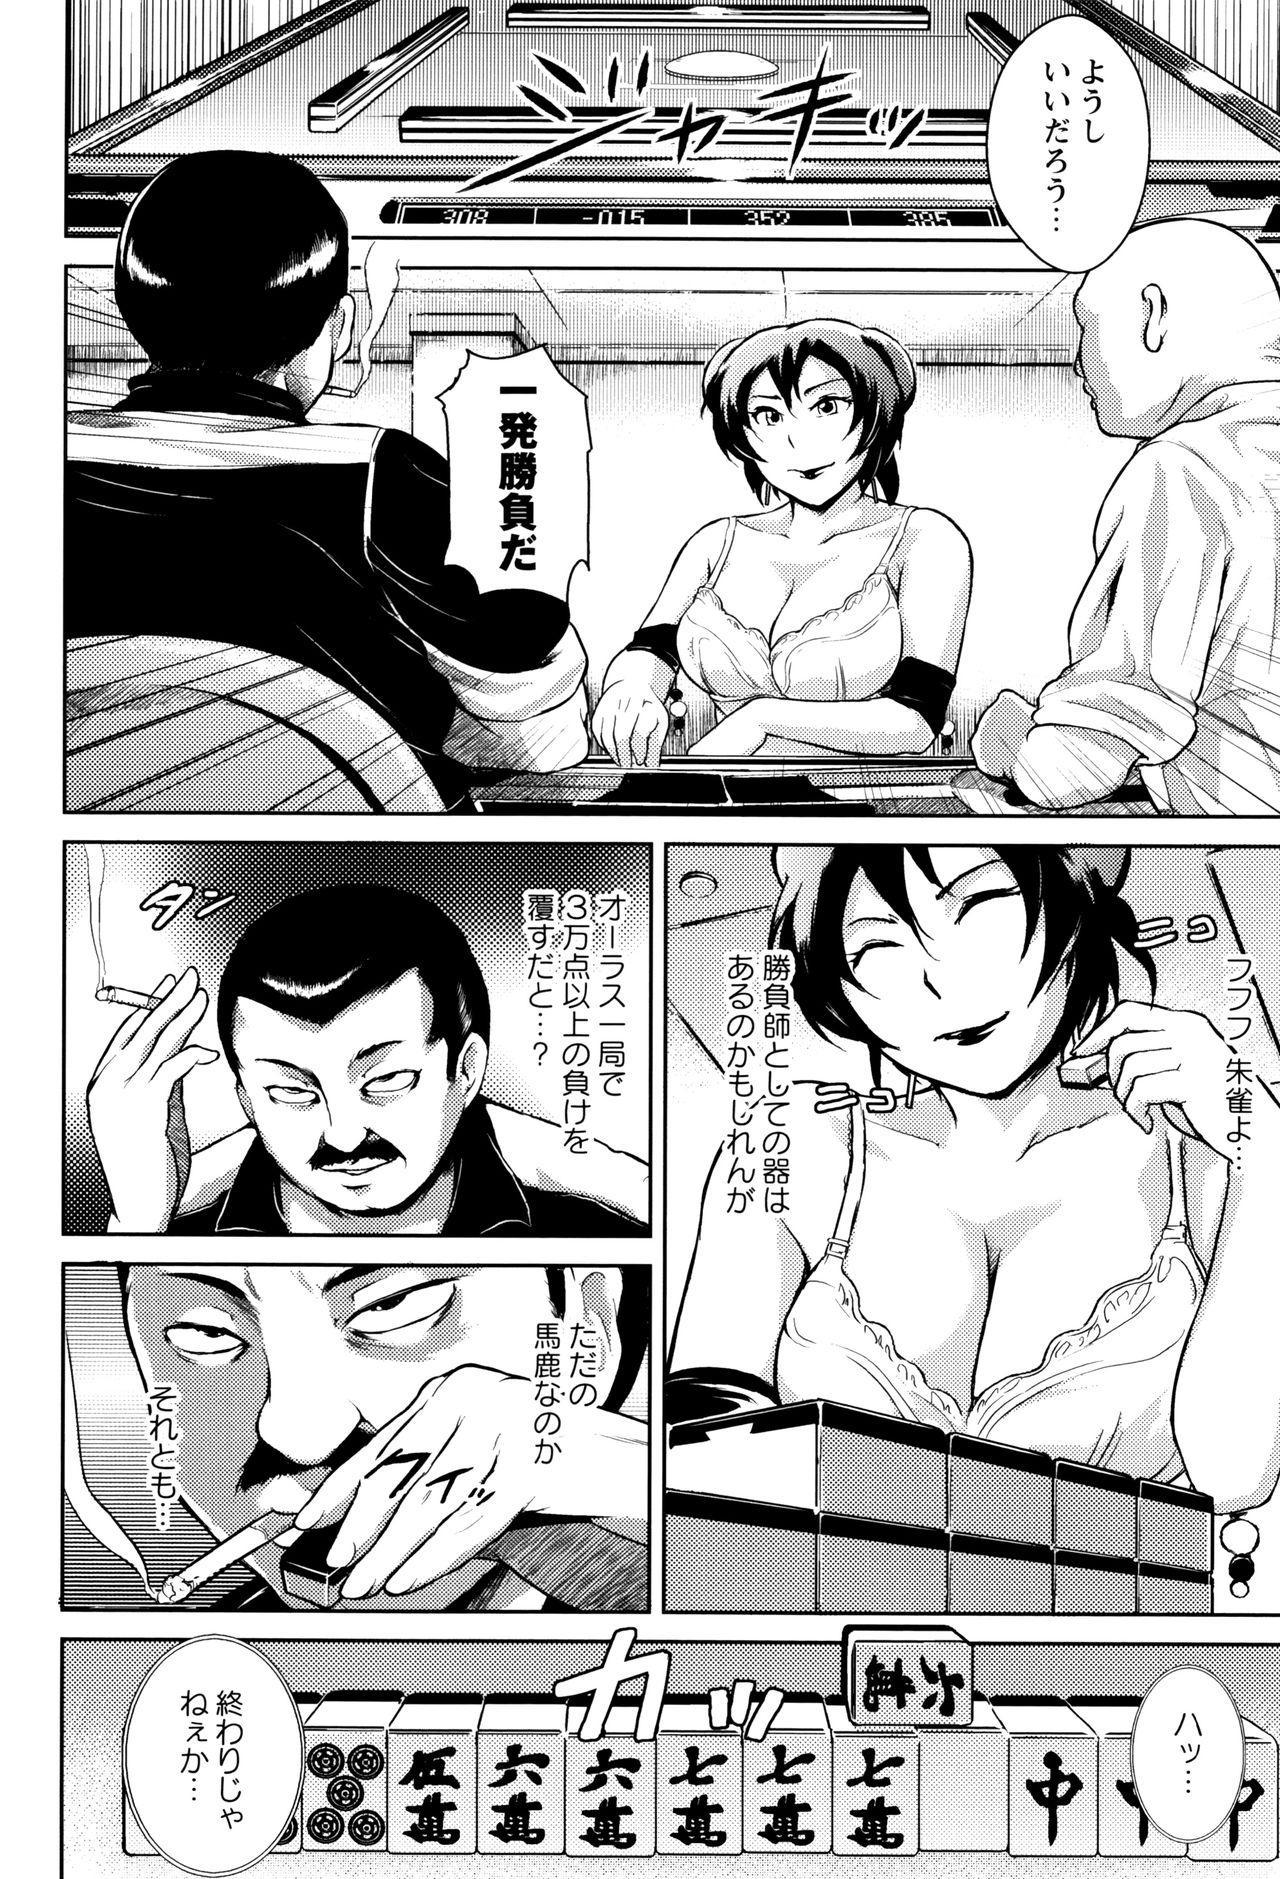 Ero BBA ♥ Dosukebe Ha Sengen 165